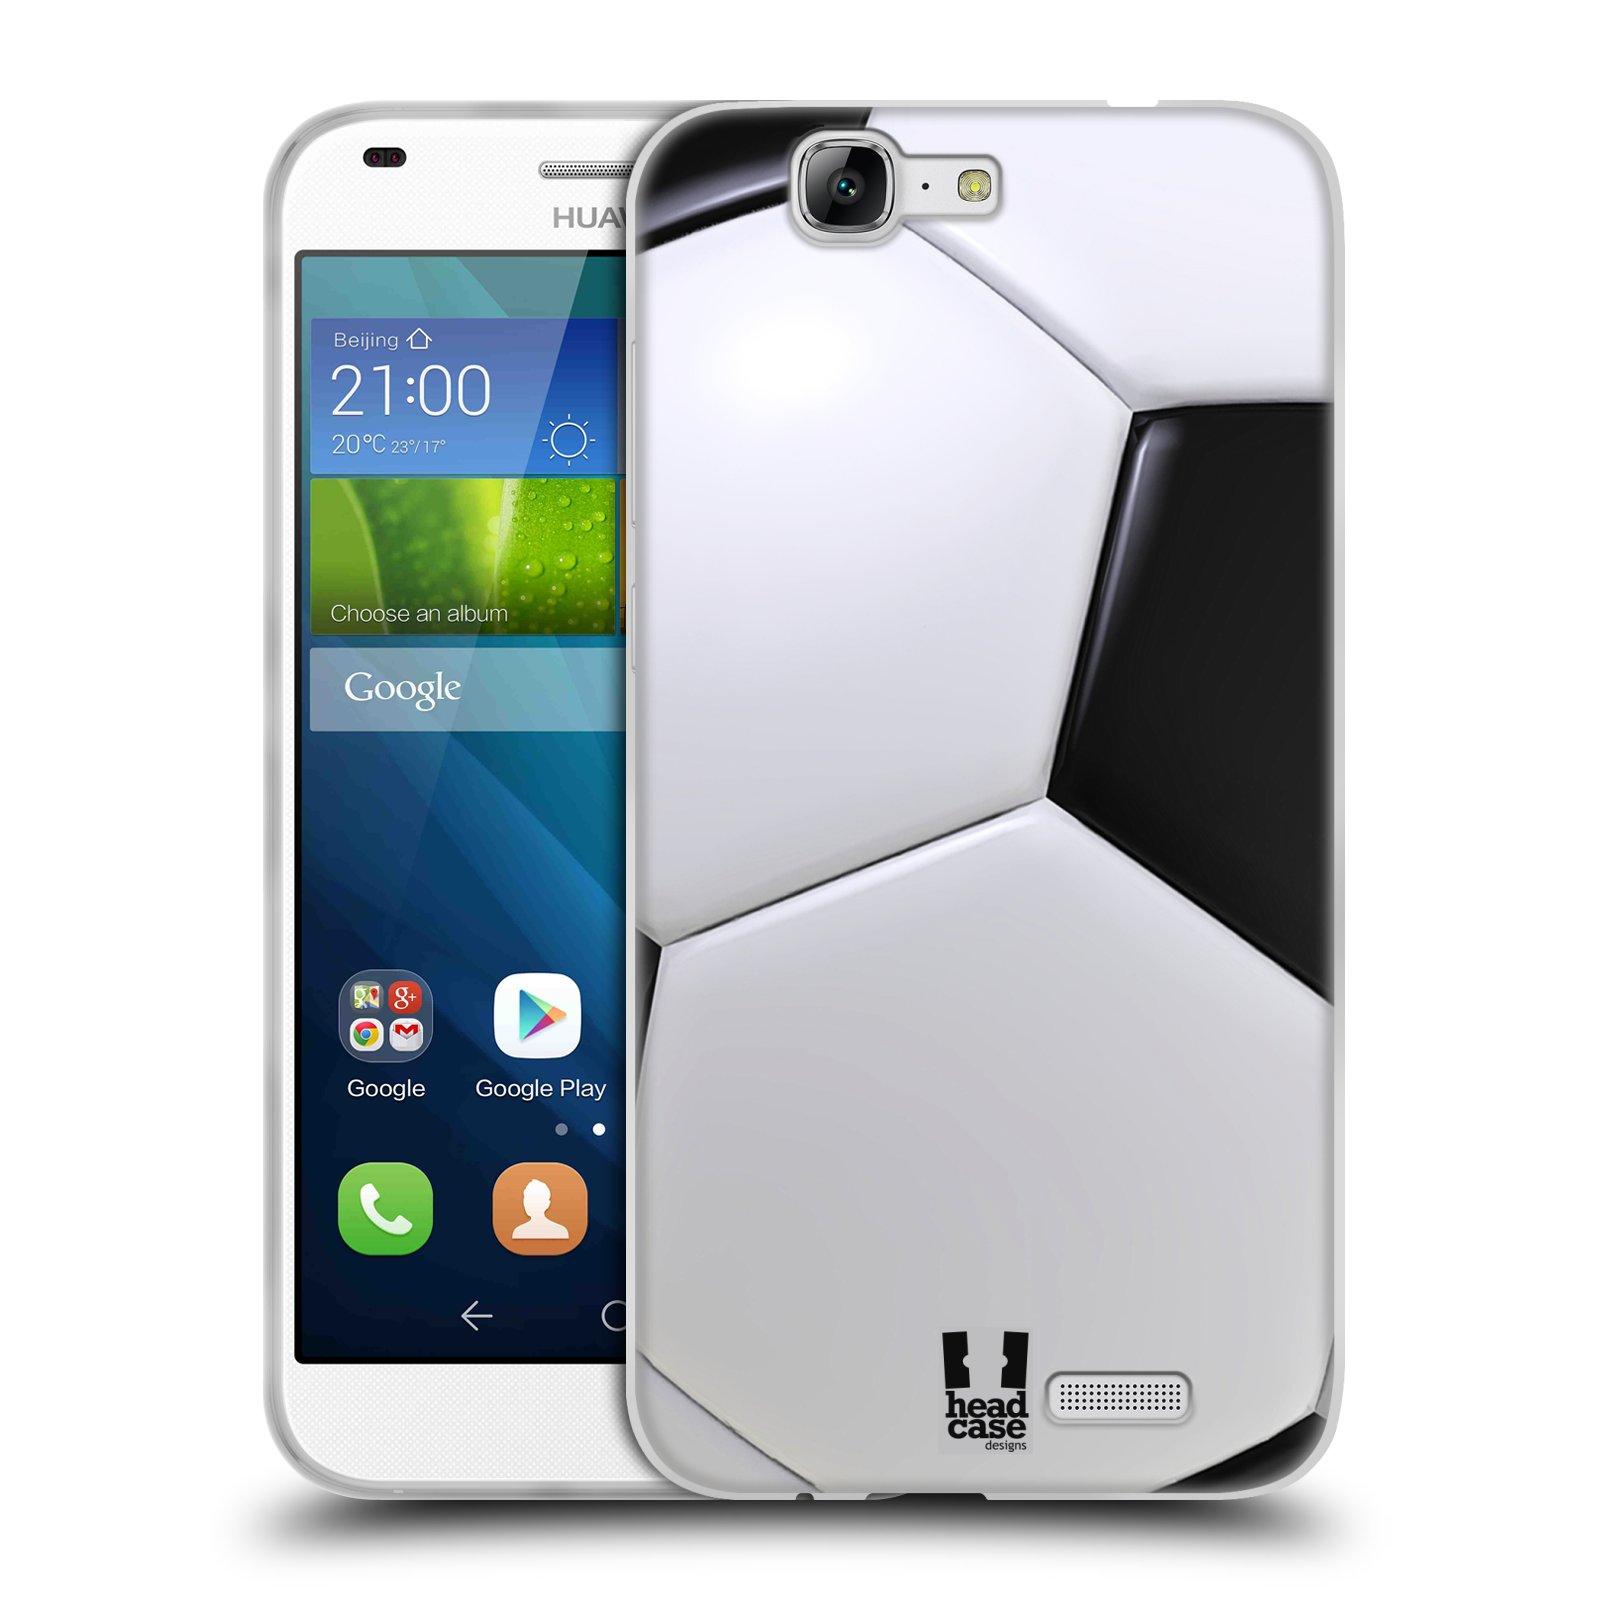 Silikonové pouzdro na mobil Huawei Ascend G7 HEAD CASE KOPAČÁK (Silikonový kryt či obal na mobilní telefon Huawei Ascend G7)